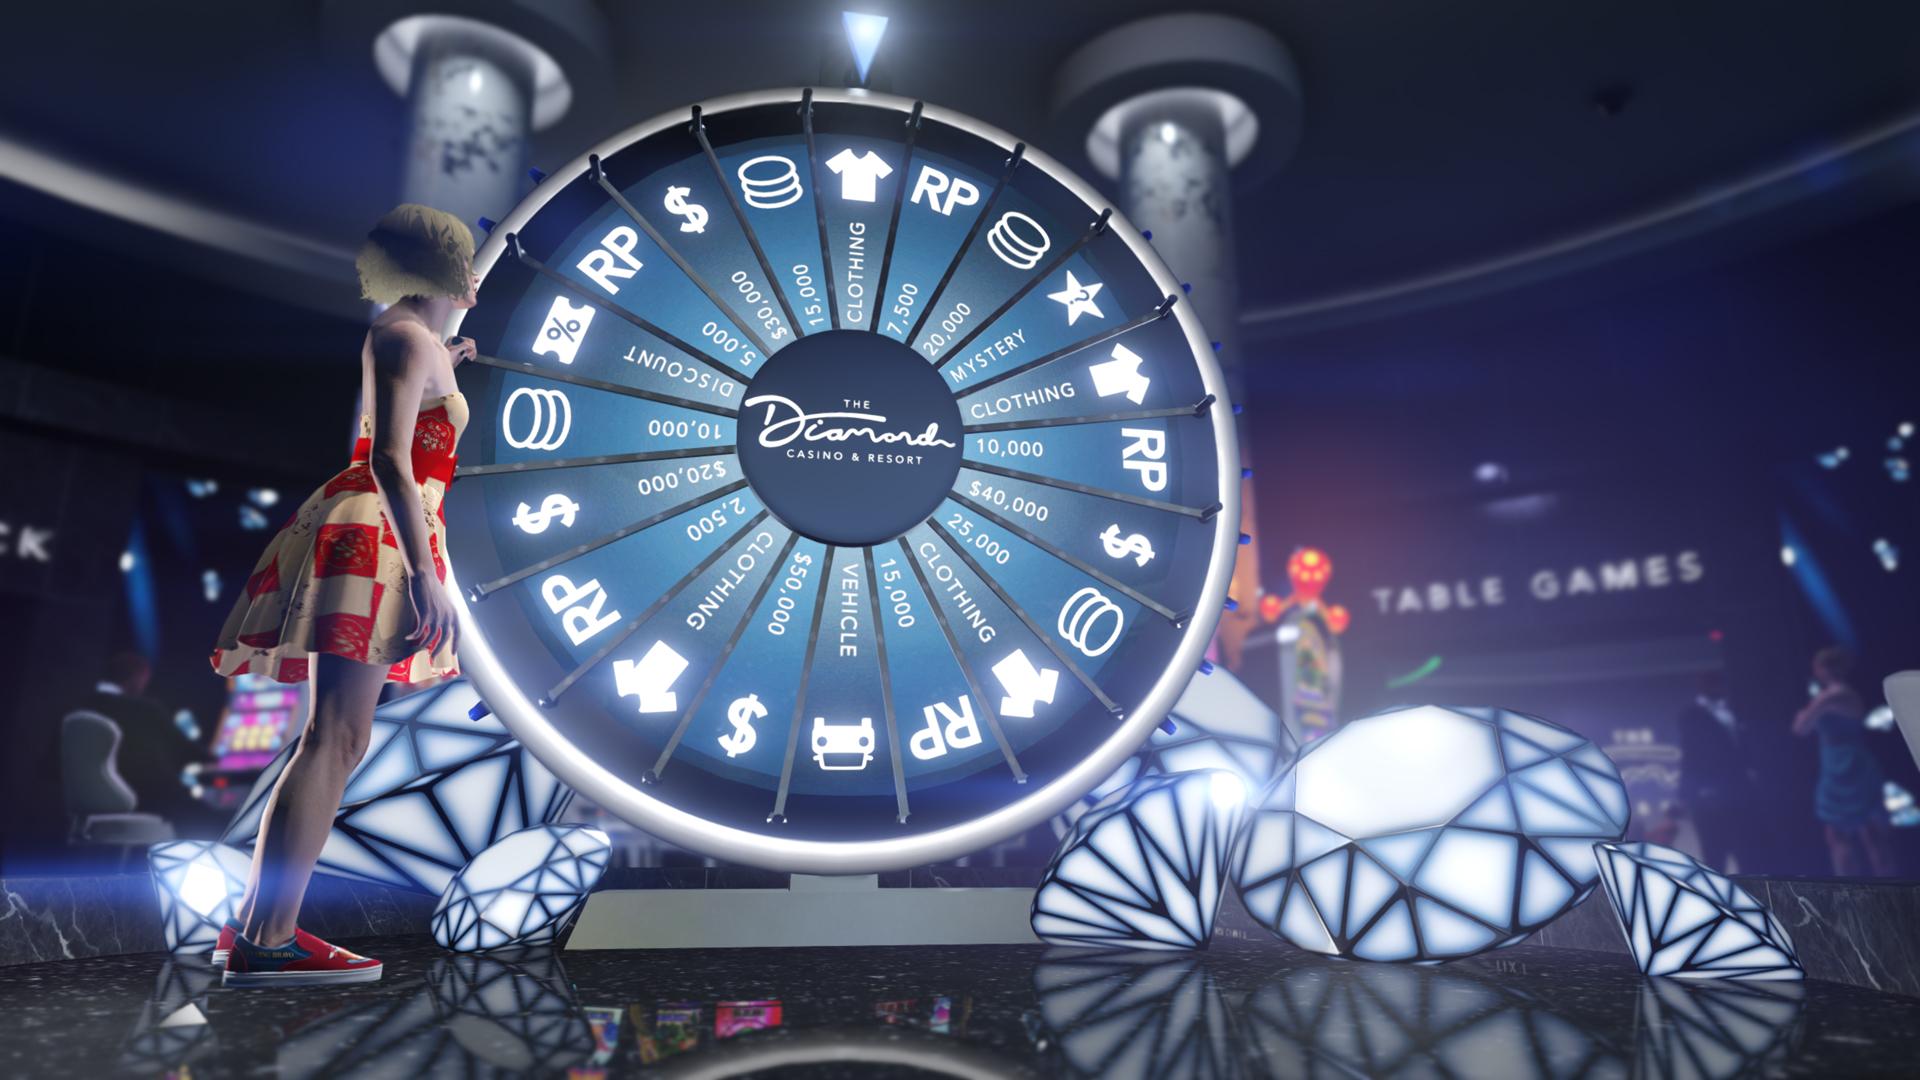 Apa yang Harus Dicakup Di Diamond Casino?